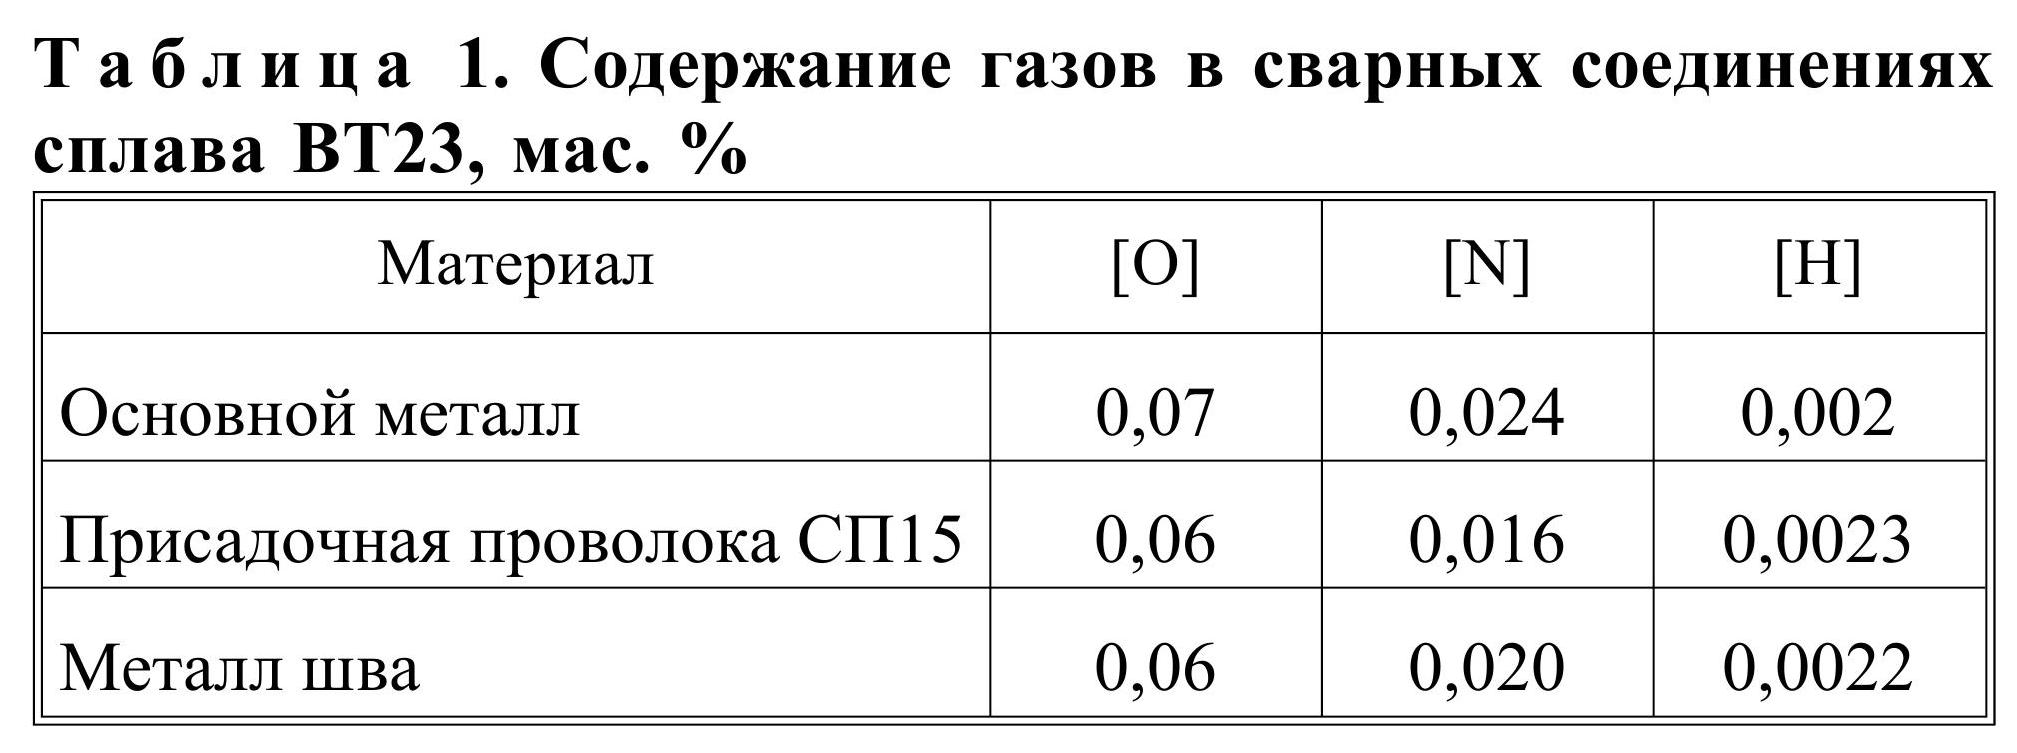 содержание газа в сварных соединениях, вт23